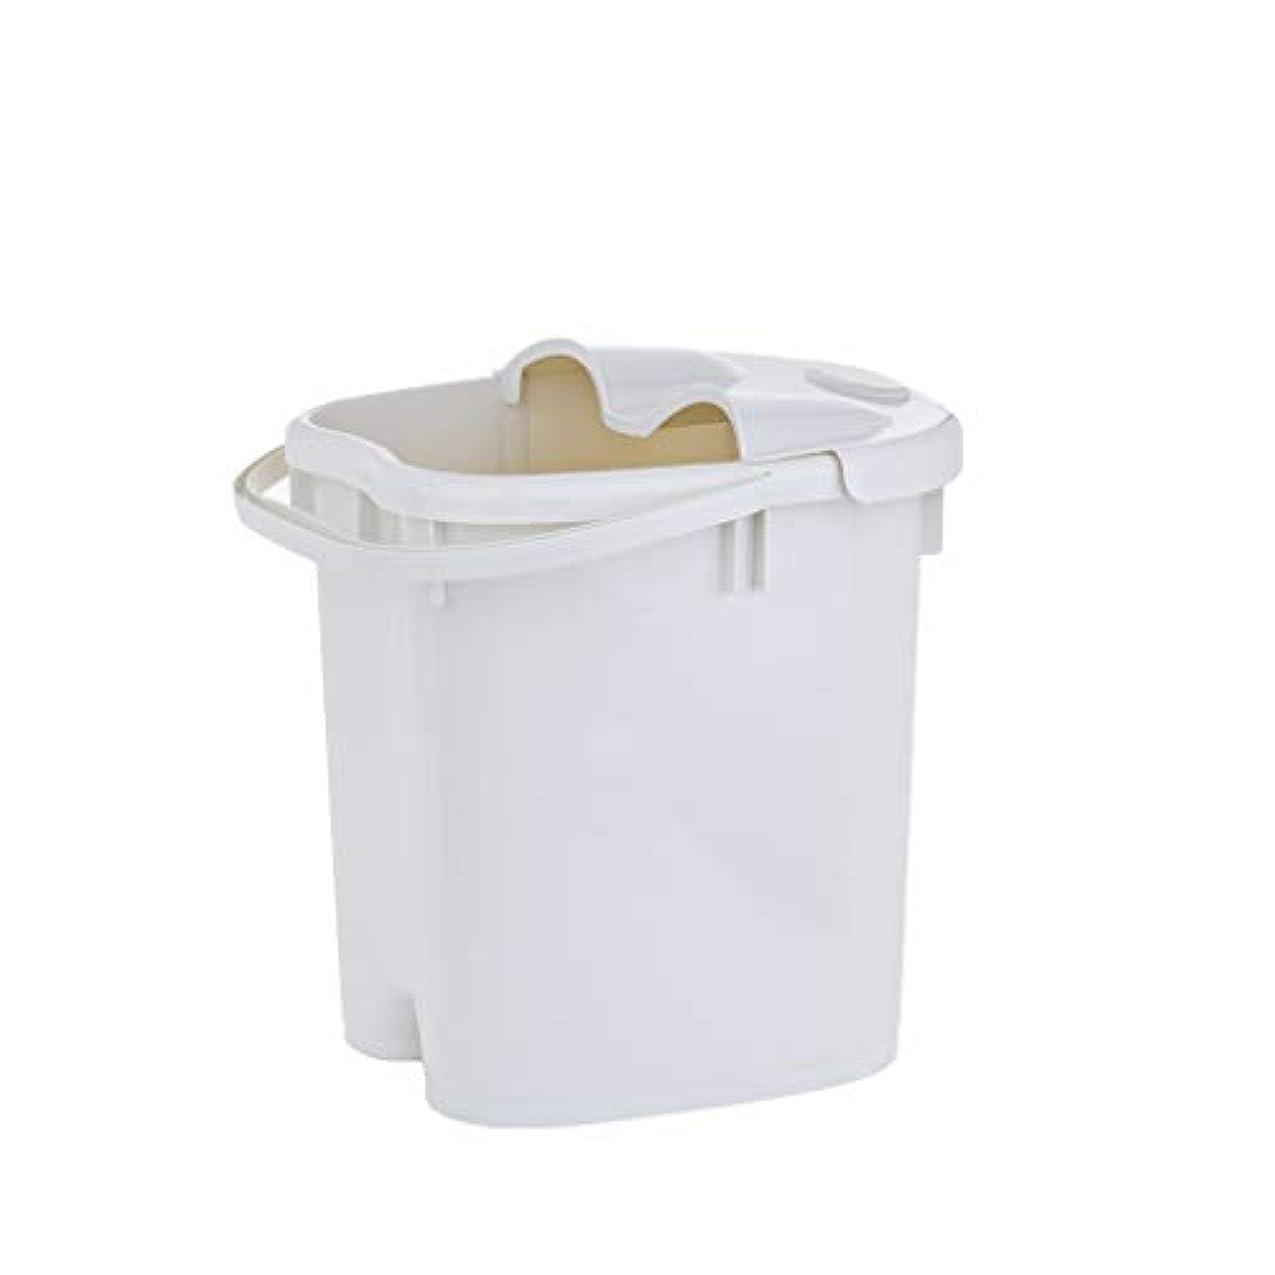 億花嫁助言フットバスバレル- ☀AMT携帯用高まりのマッサージの浴槽のふたの熱保存のフィートの洗面器の世帯が付いている大人のフットバスのバケツ Relax foot (色 : 白, サイズ さいず : 39cm high)